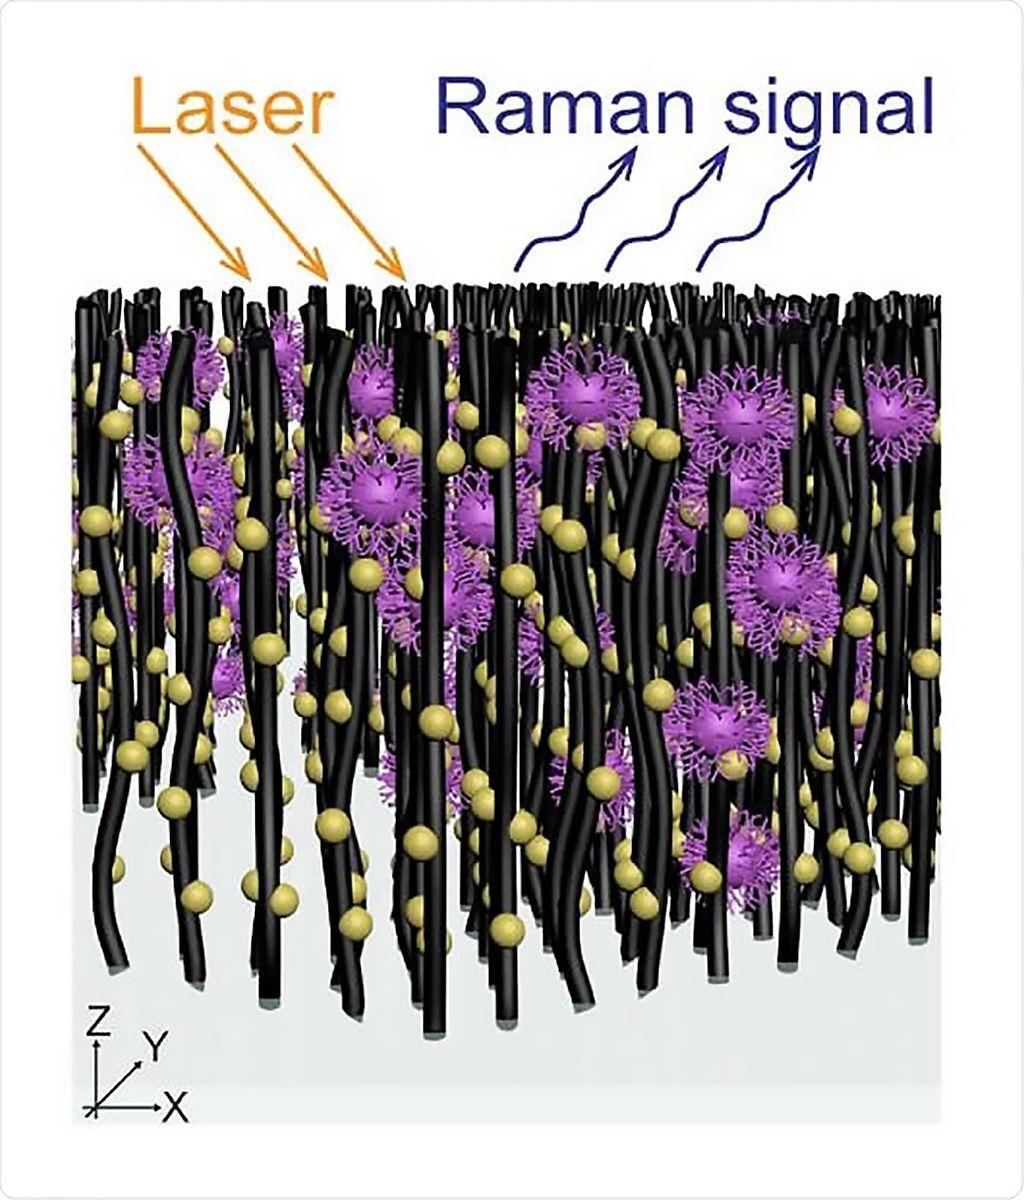 Imagen: Esquema de una serie de nanotubos decorados con nanopartículas de oro que capturan moléculas virales para la espectroscopía Raman in situ con el fin de realizar identificación óptica de virus sin necesidad de etiquetas (Fotografía cortesía del profesor Mauricio Terrones)